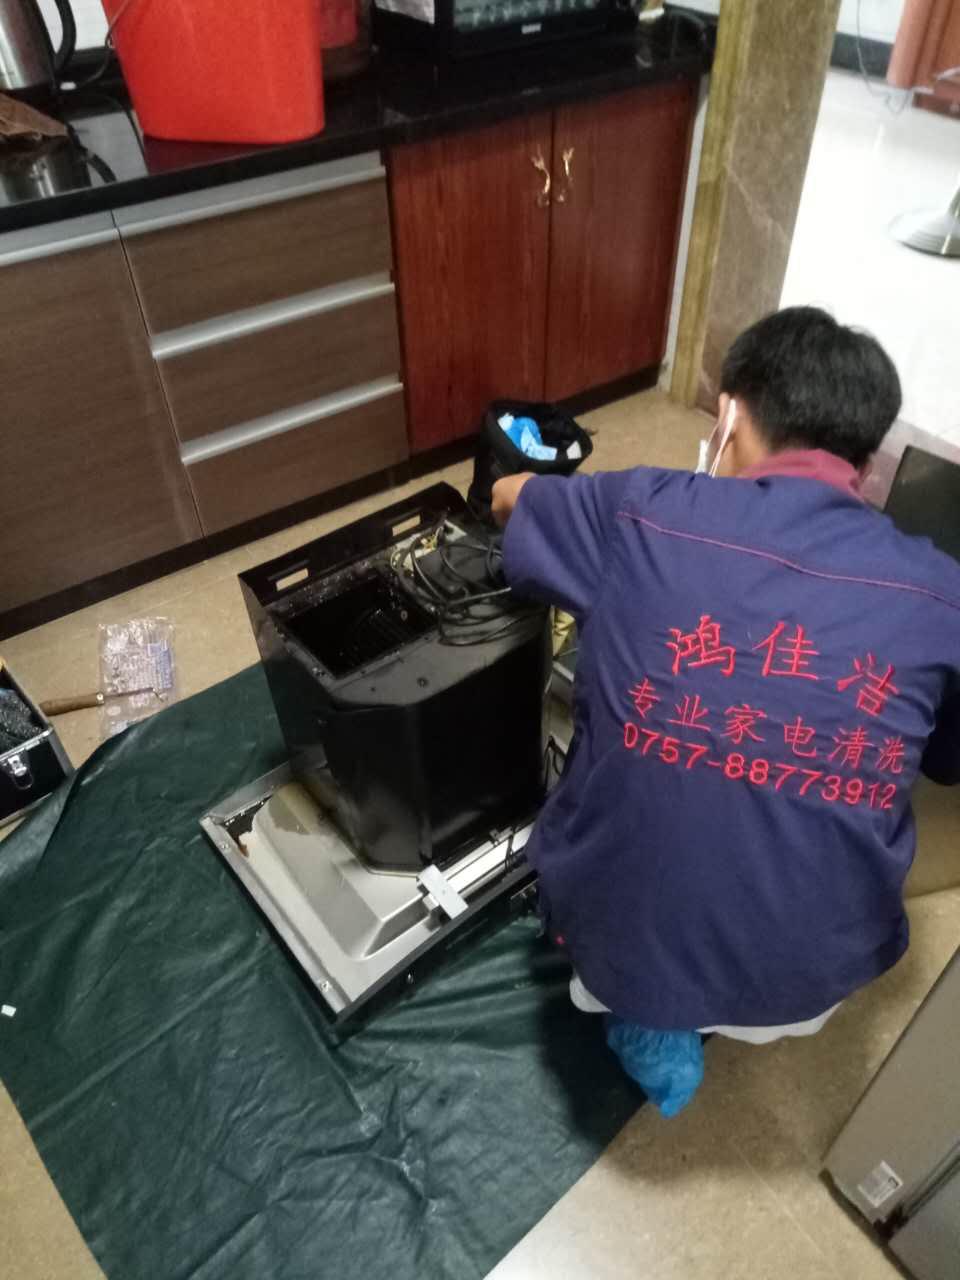 厨房吸油烟机清洗攻略